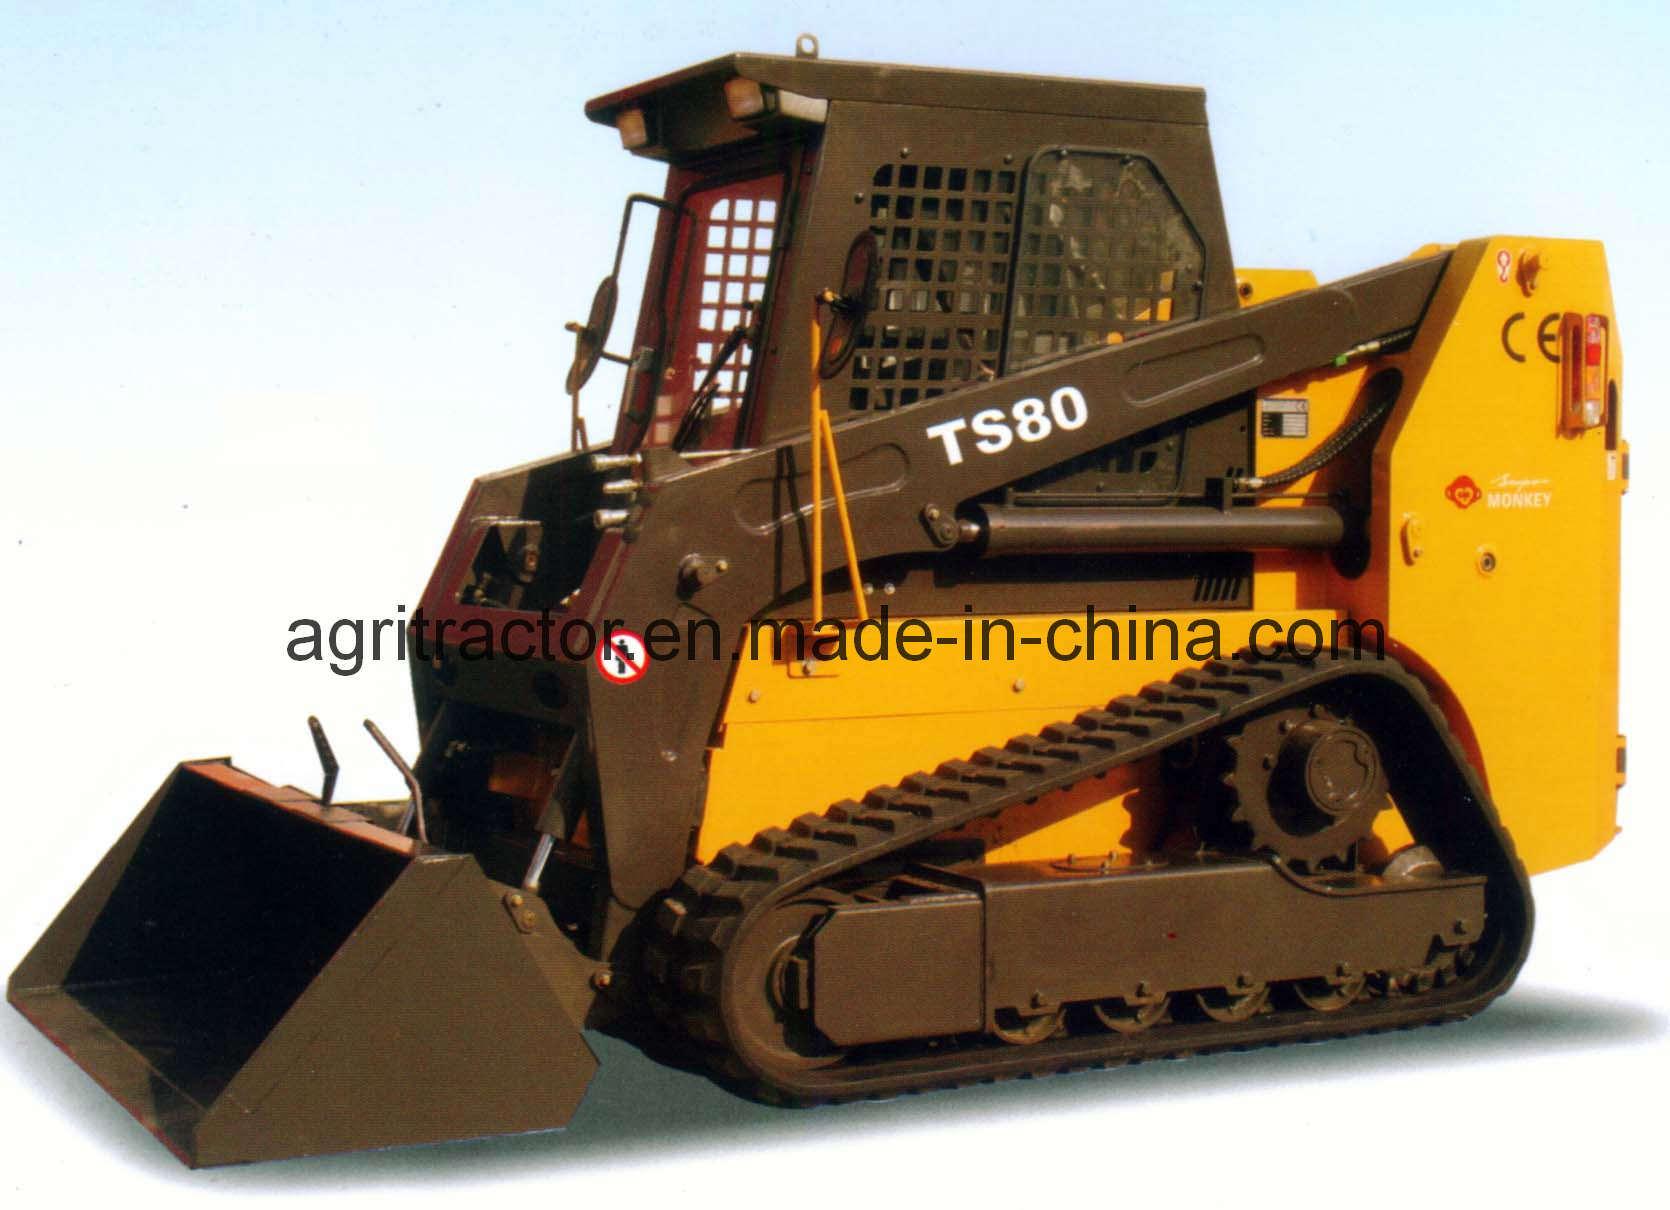 Track Skid Steer Loader : China track skid steer loader ts